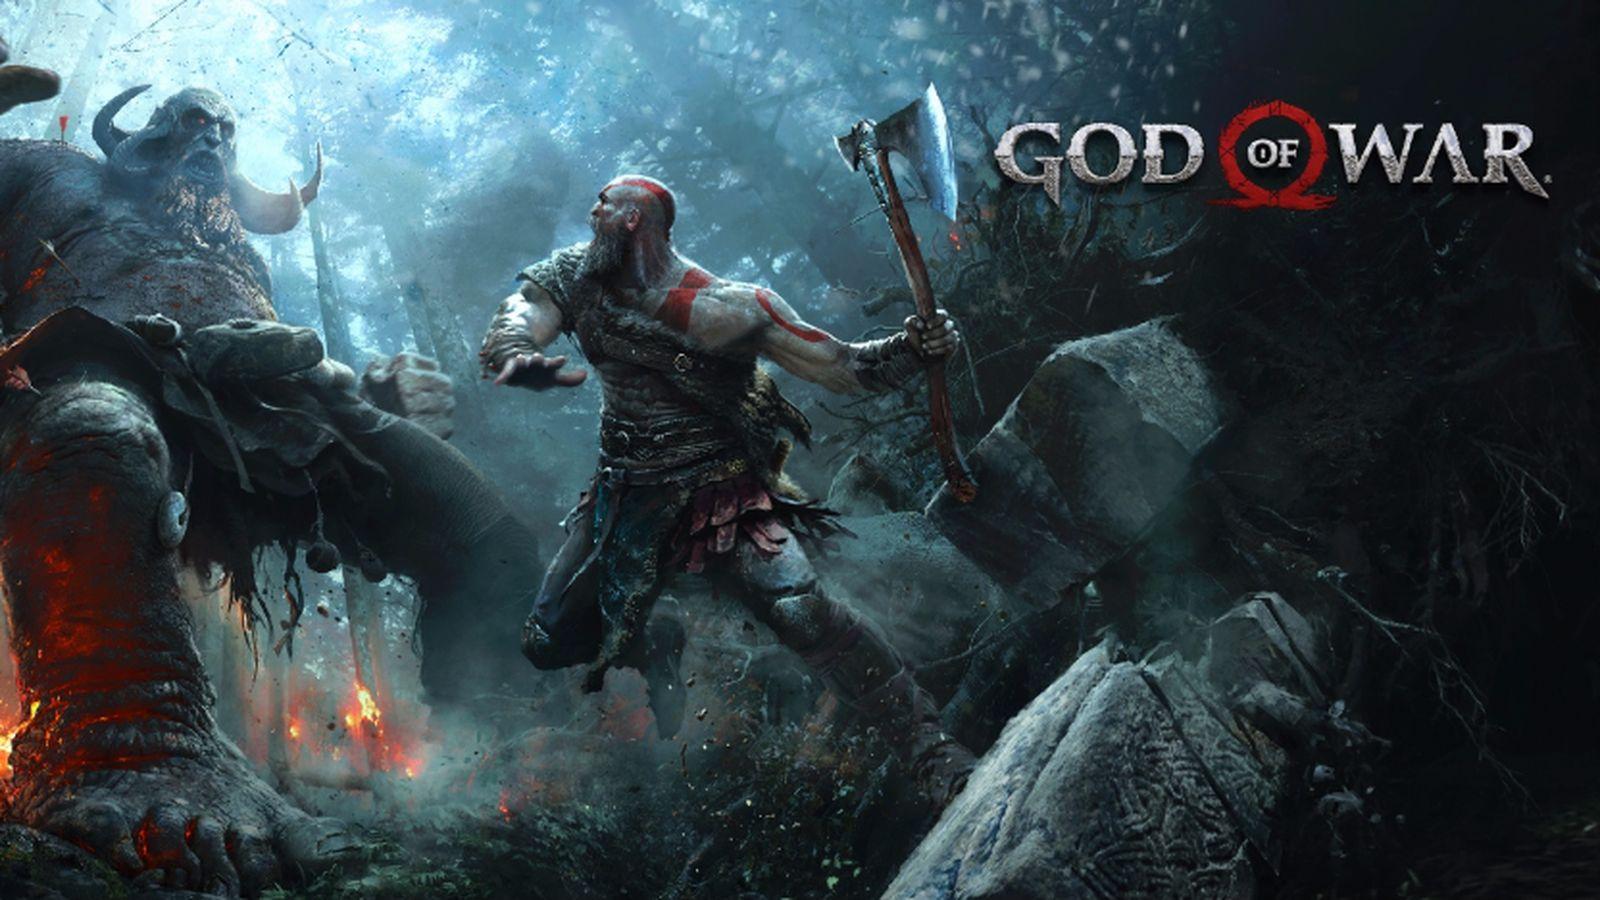 Ανακοινώθηκε σειρά κόμικ God of War με τη διαδρομή από την Ελληνική μυθολογία στη Νορβηγική   Busted.gr